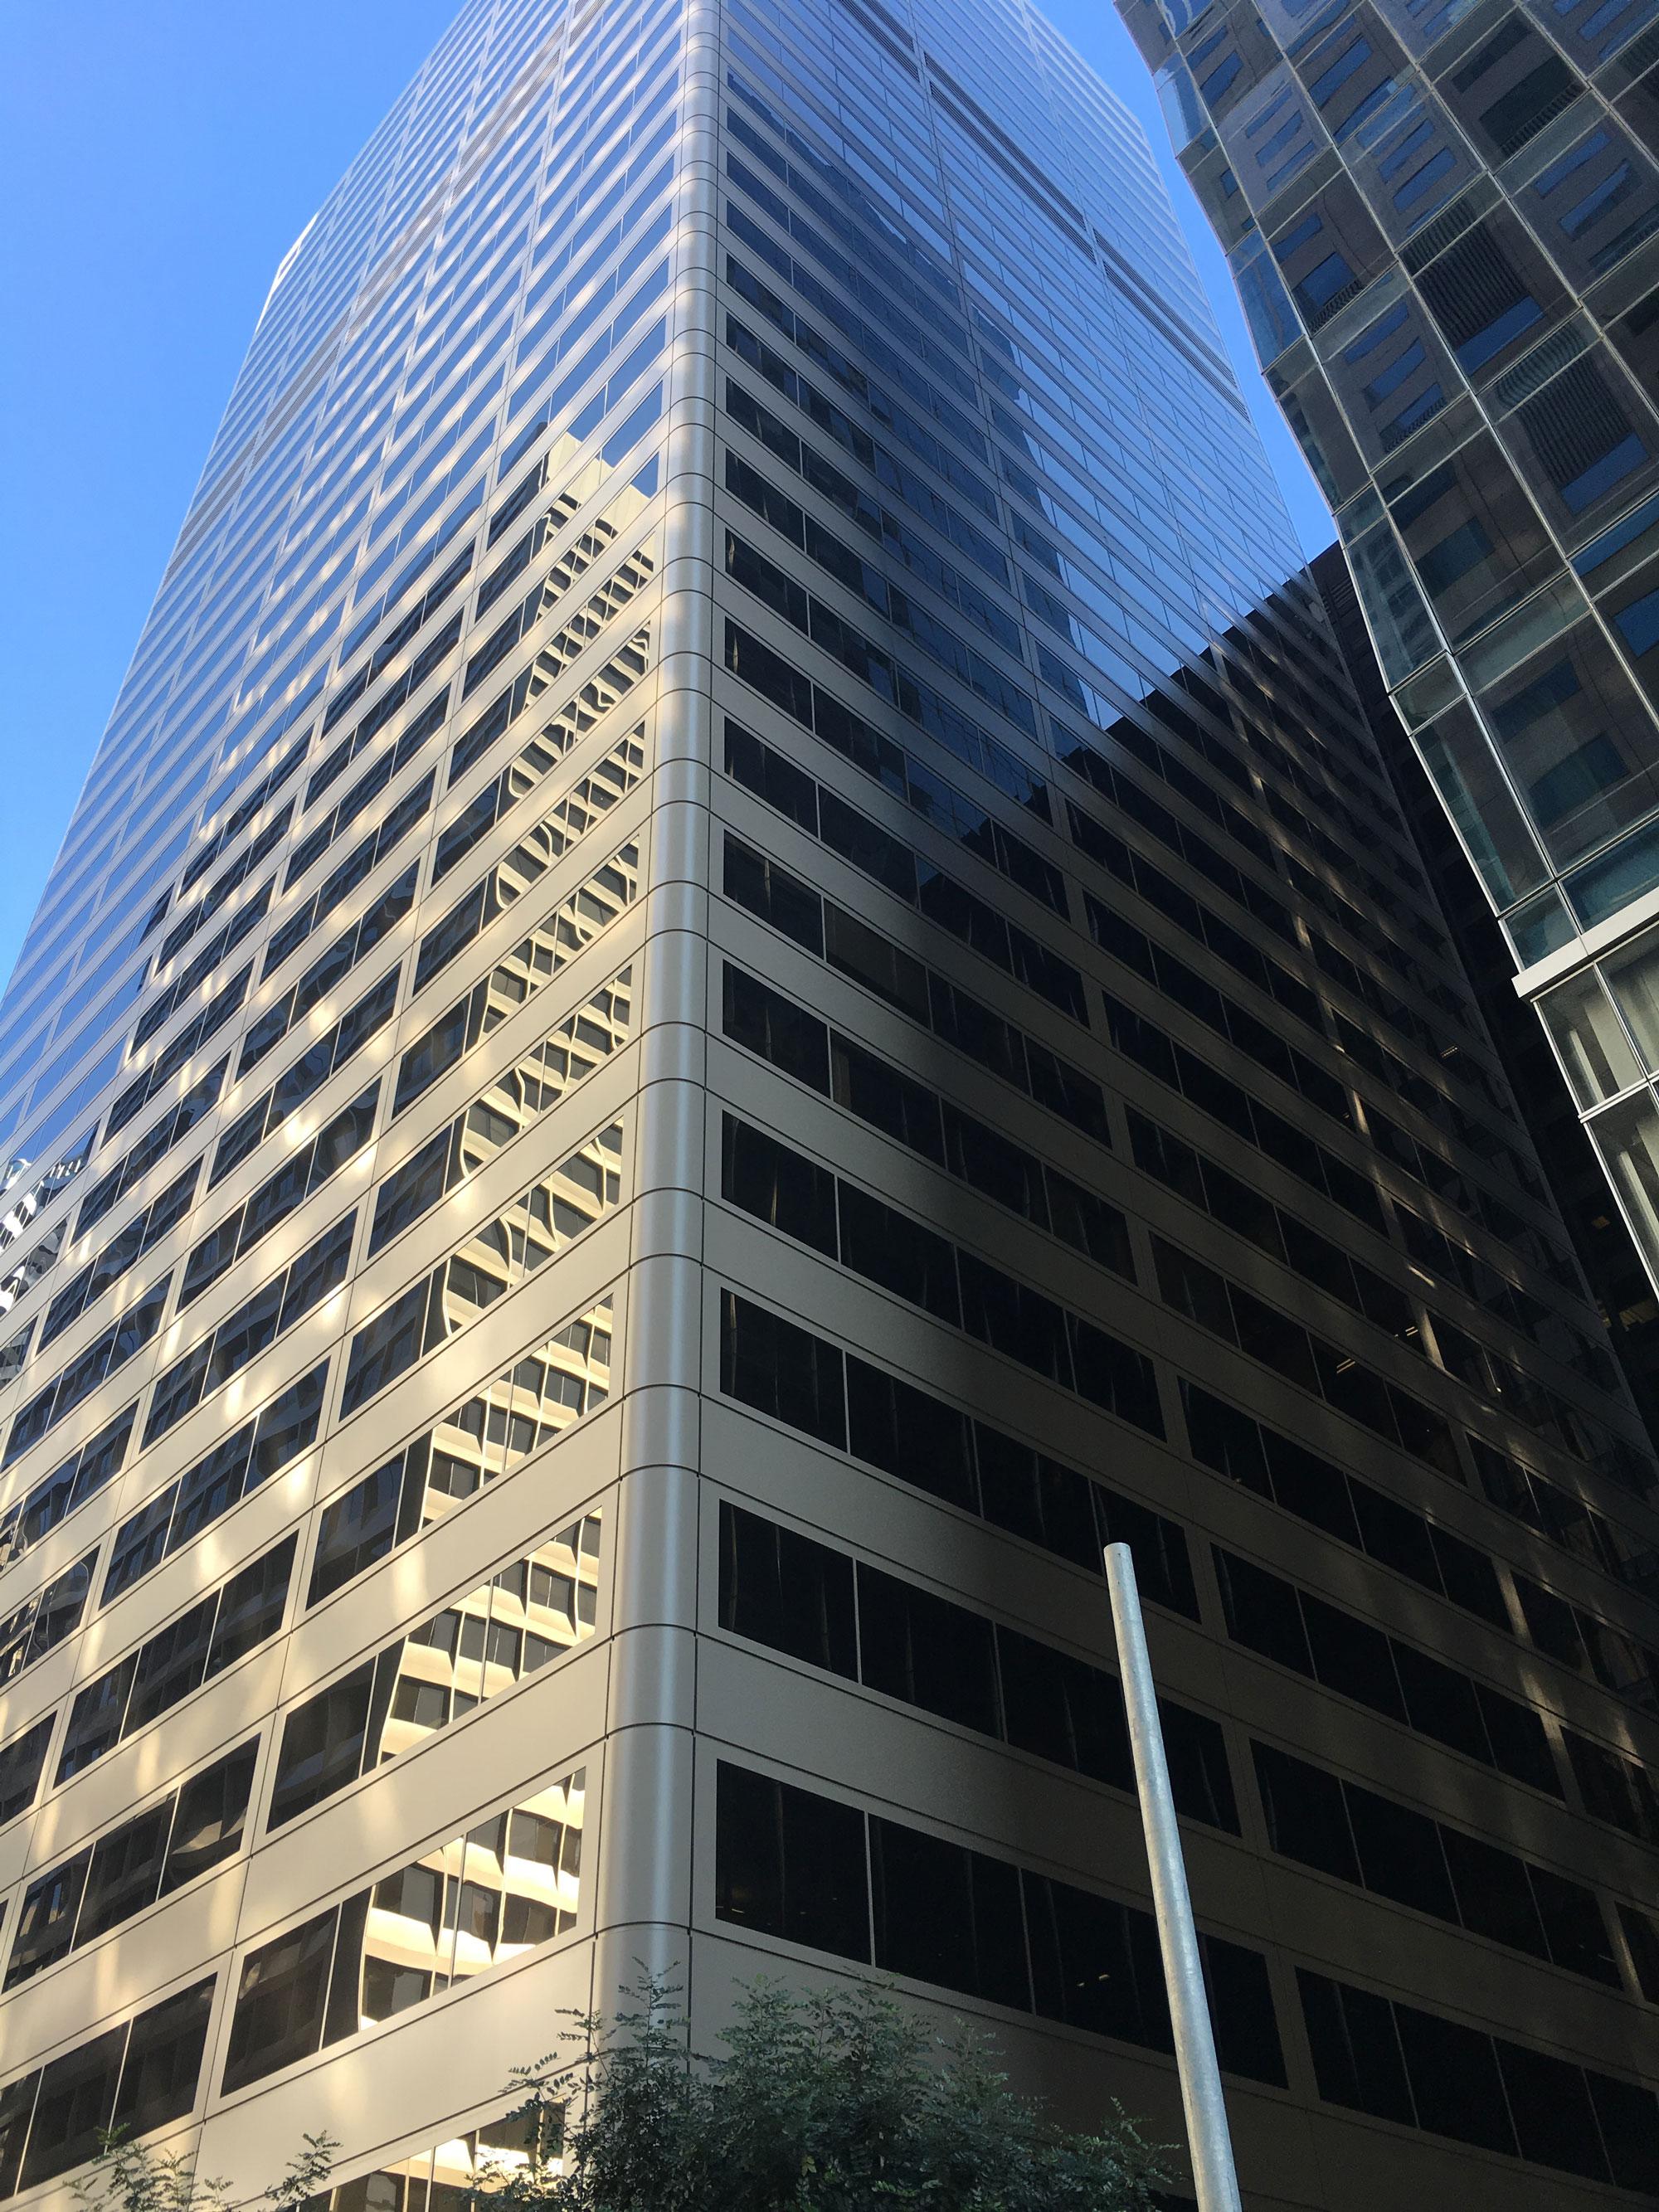 45 Fremont Center, San Francisco, CA, Shorenstein Company, McGinnis Chen Associates, Rainbow Waterproofing Restoration, Tnemec, Lumiflon